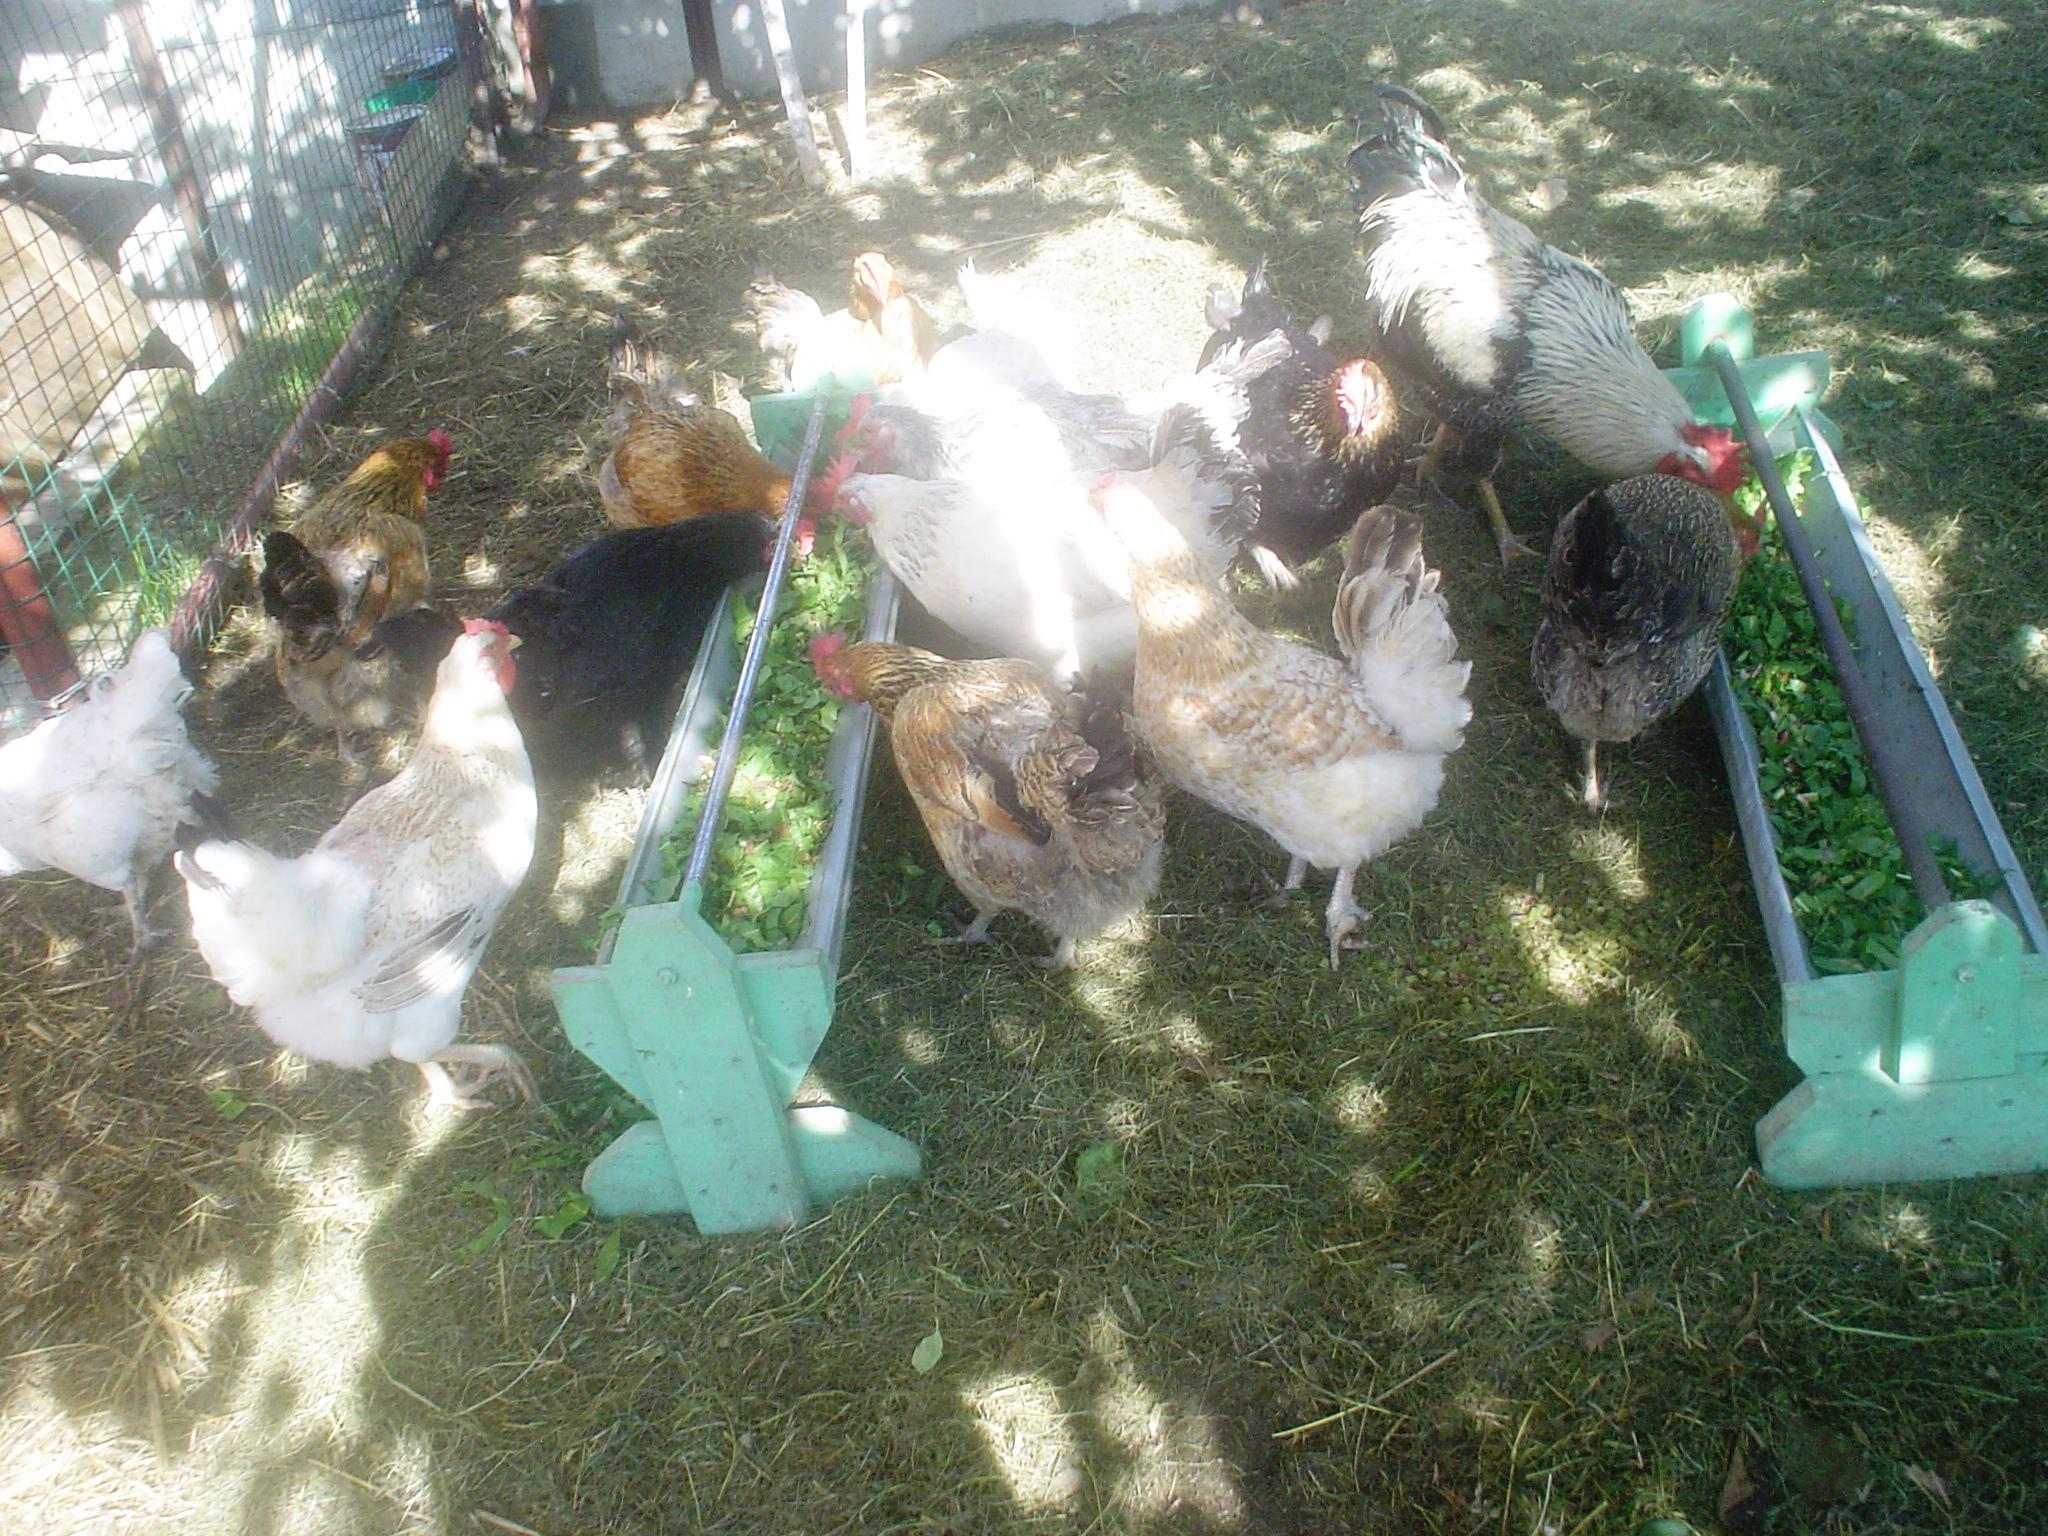 кормление - Кормление и уход за цыплятами и птицей в домашних условиях 0693537001464864491